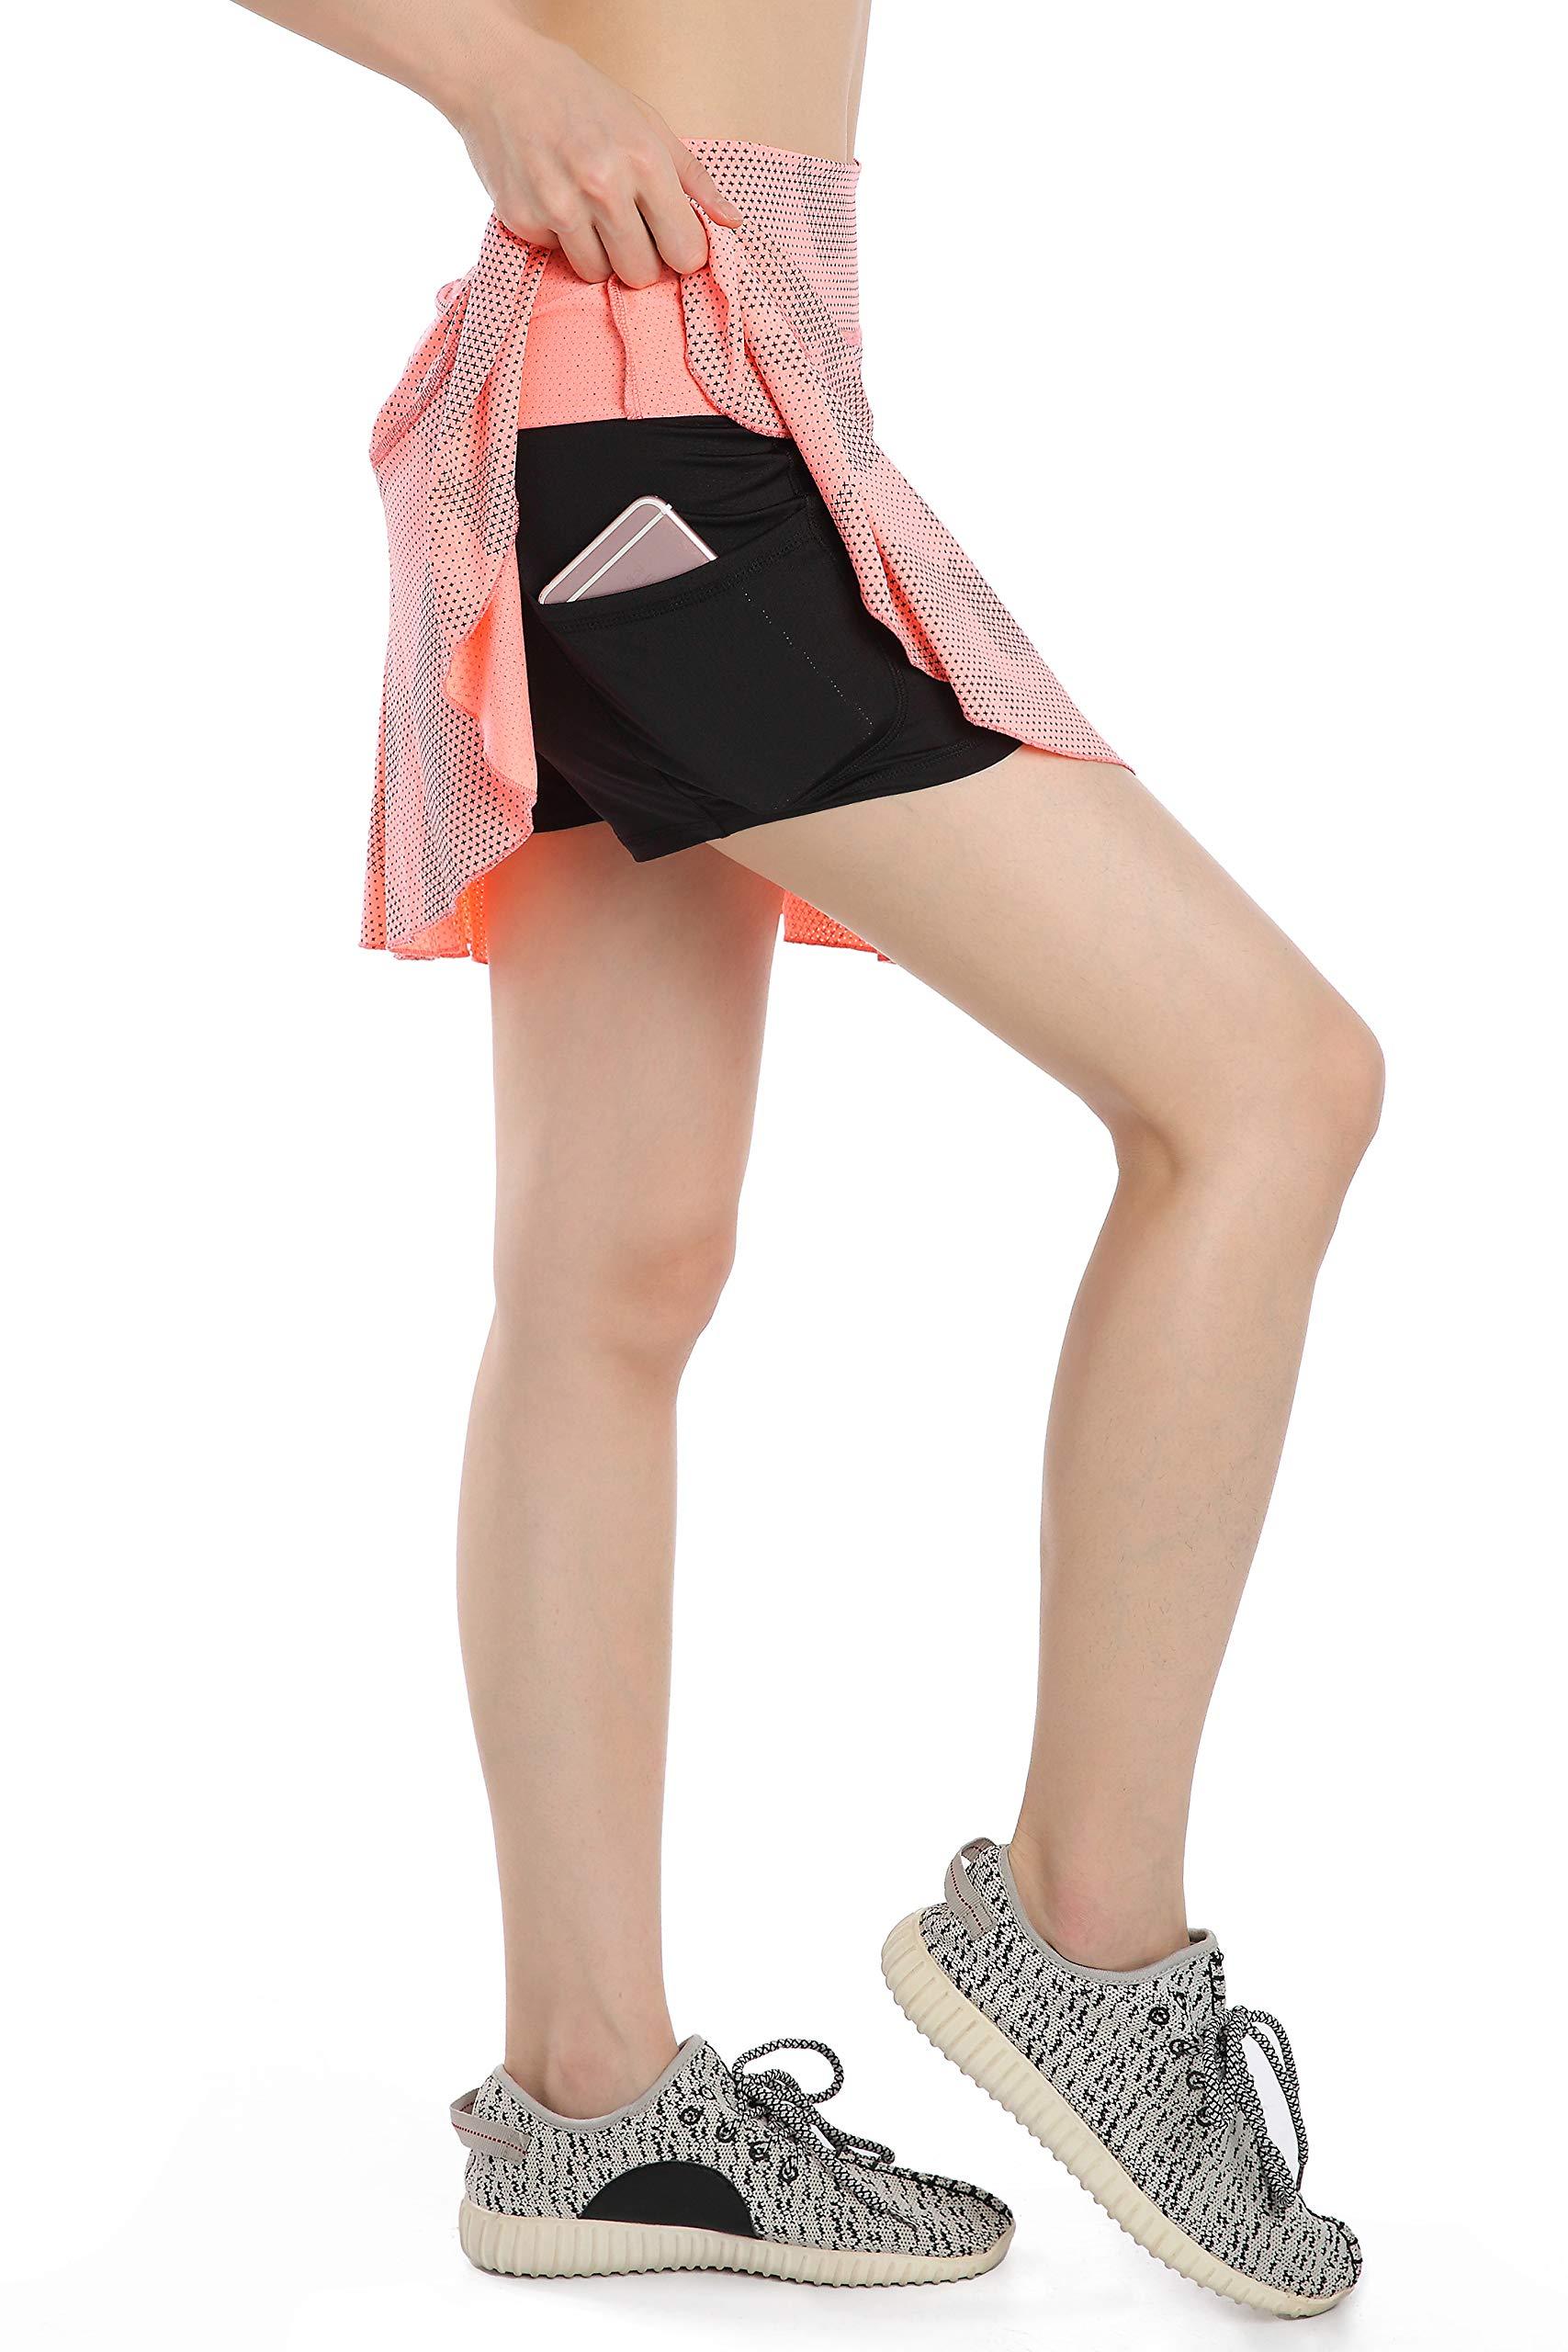 Annjoli Womens Running Golf Skorts Tennis Workout Skirt